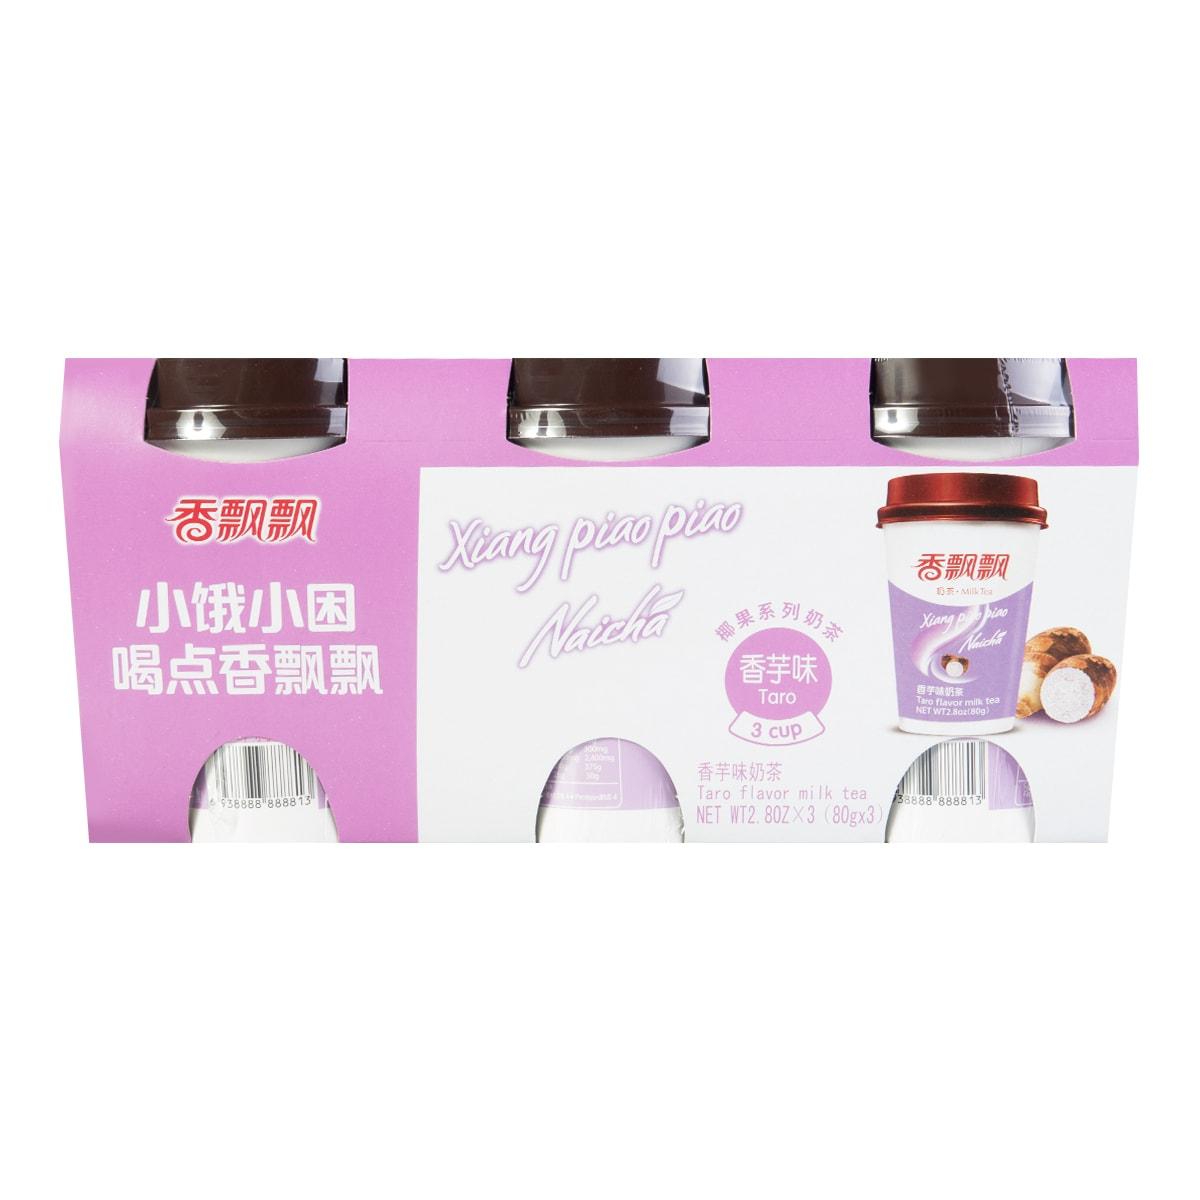 XIANGPIAOPIAO Taro Milk Tea 80g*3pcs